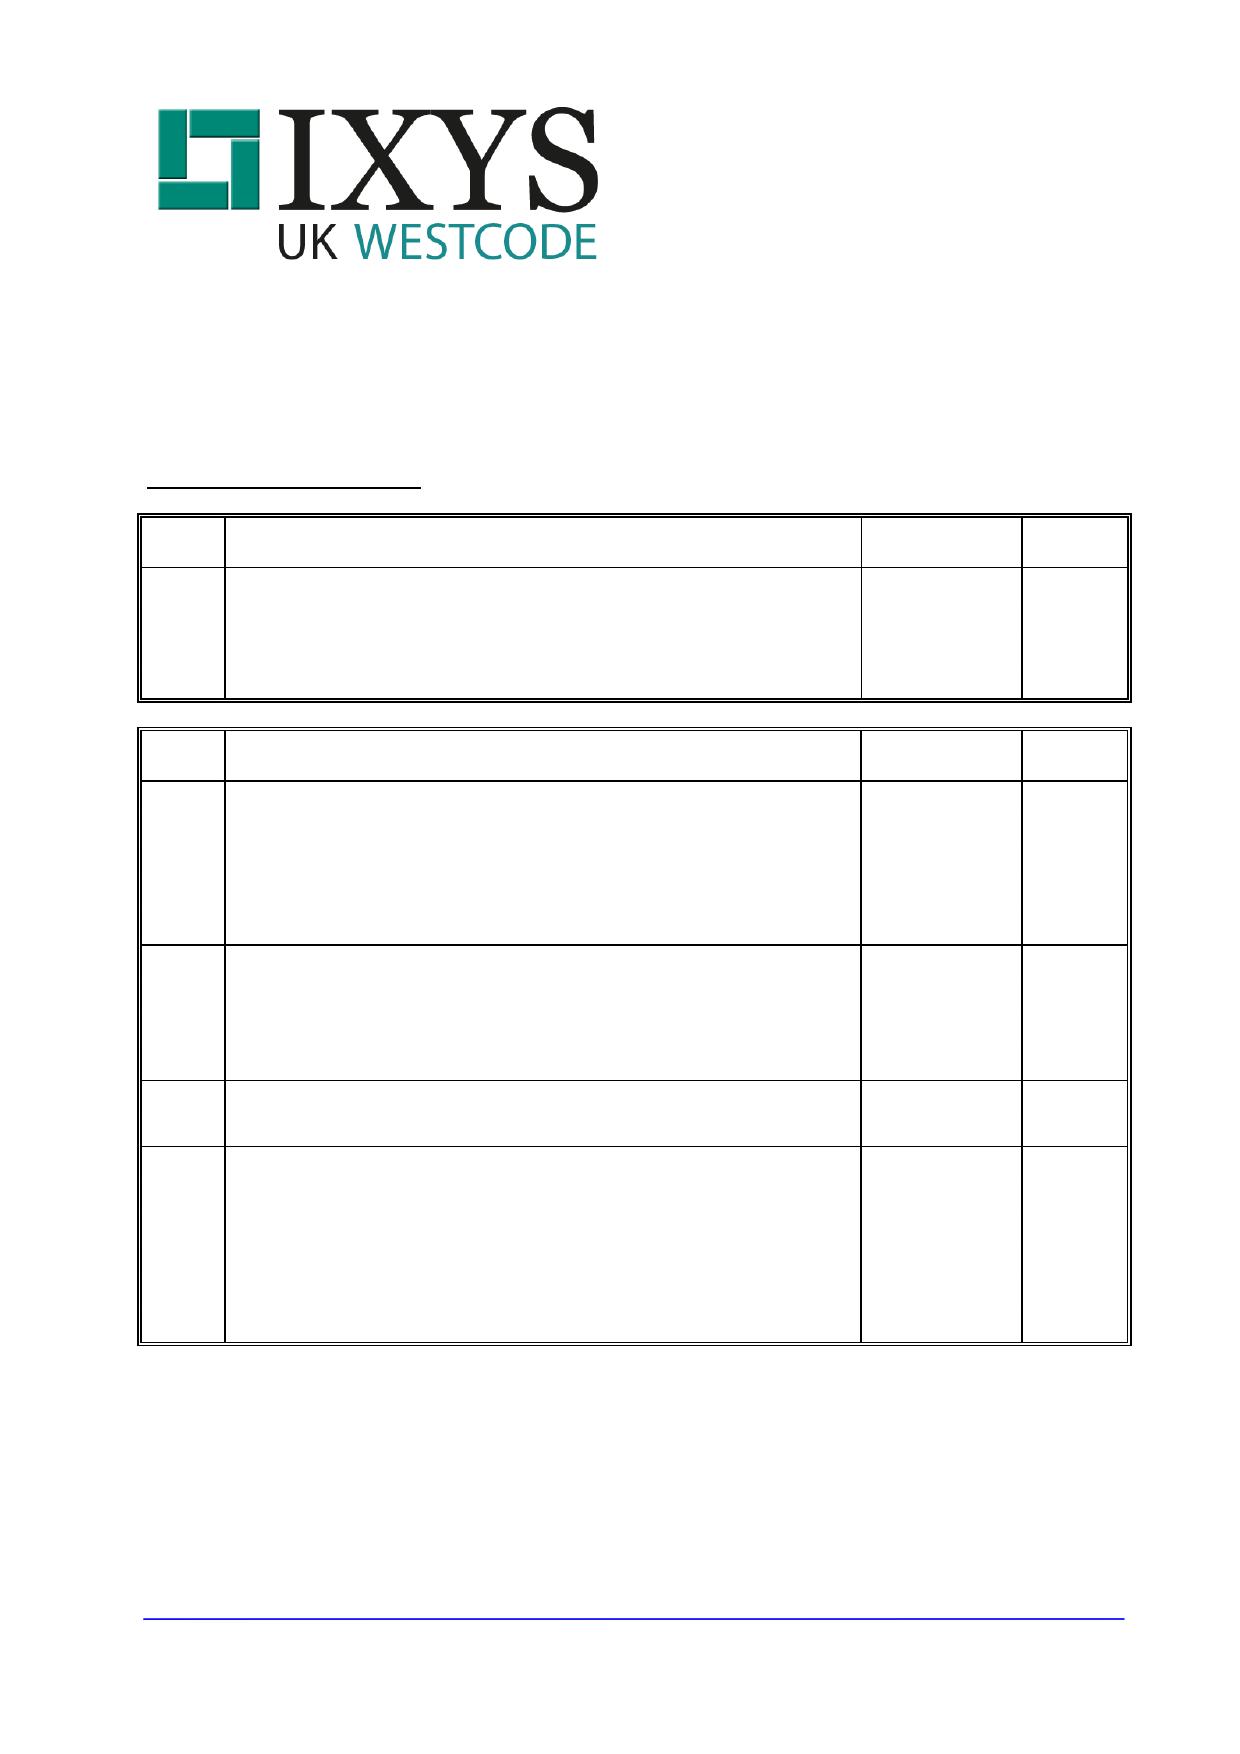 R1178NC14E 데이터시트 및 R1178NC14E PDF